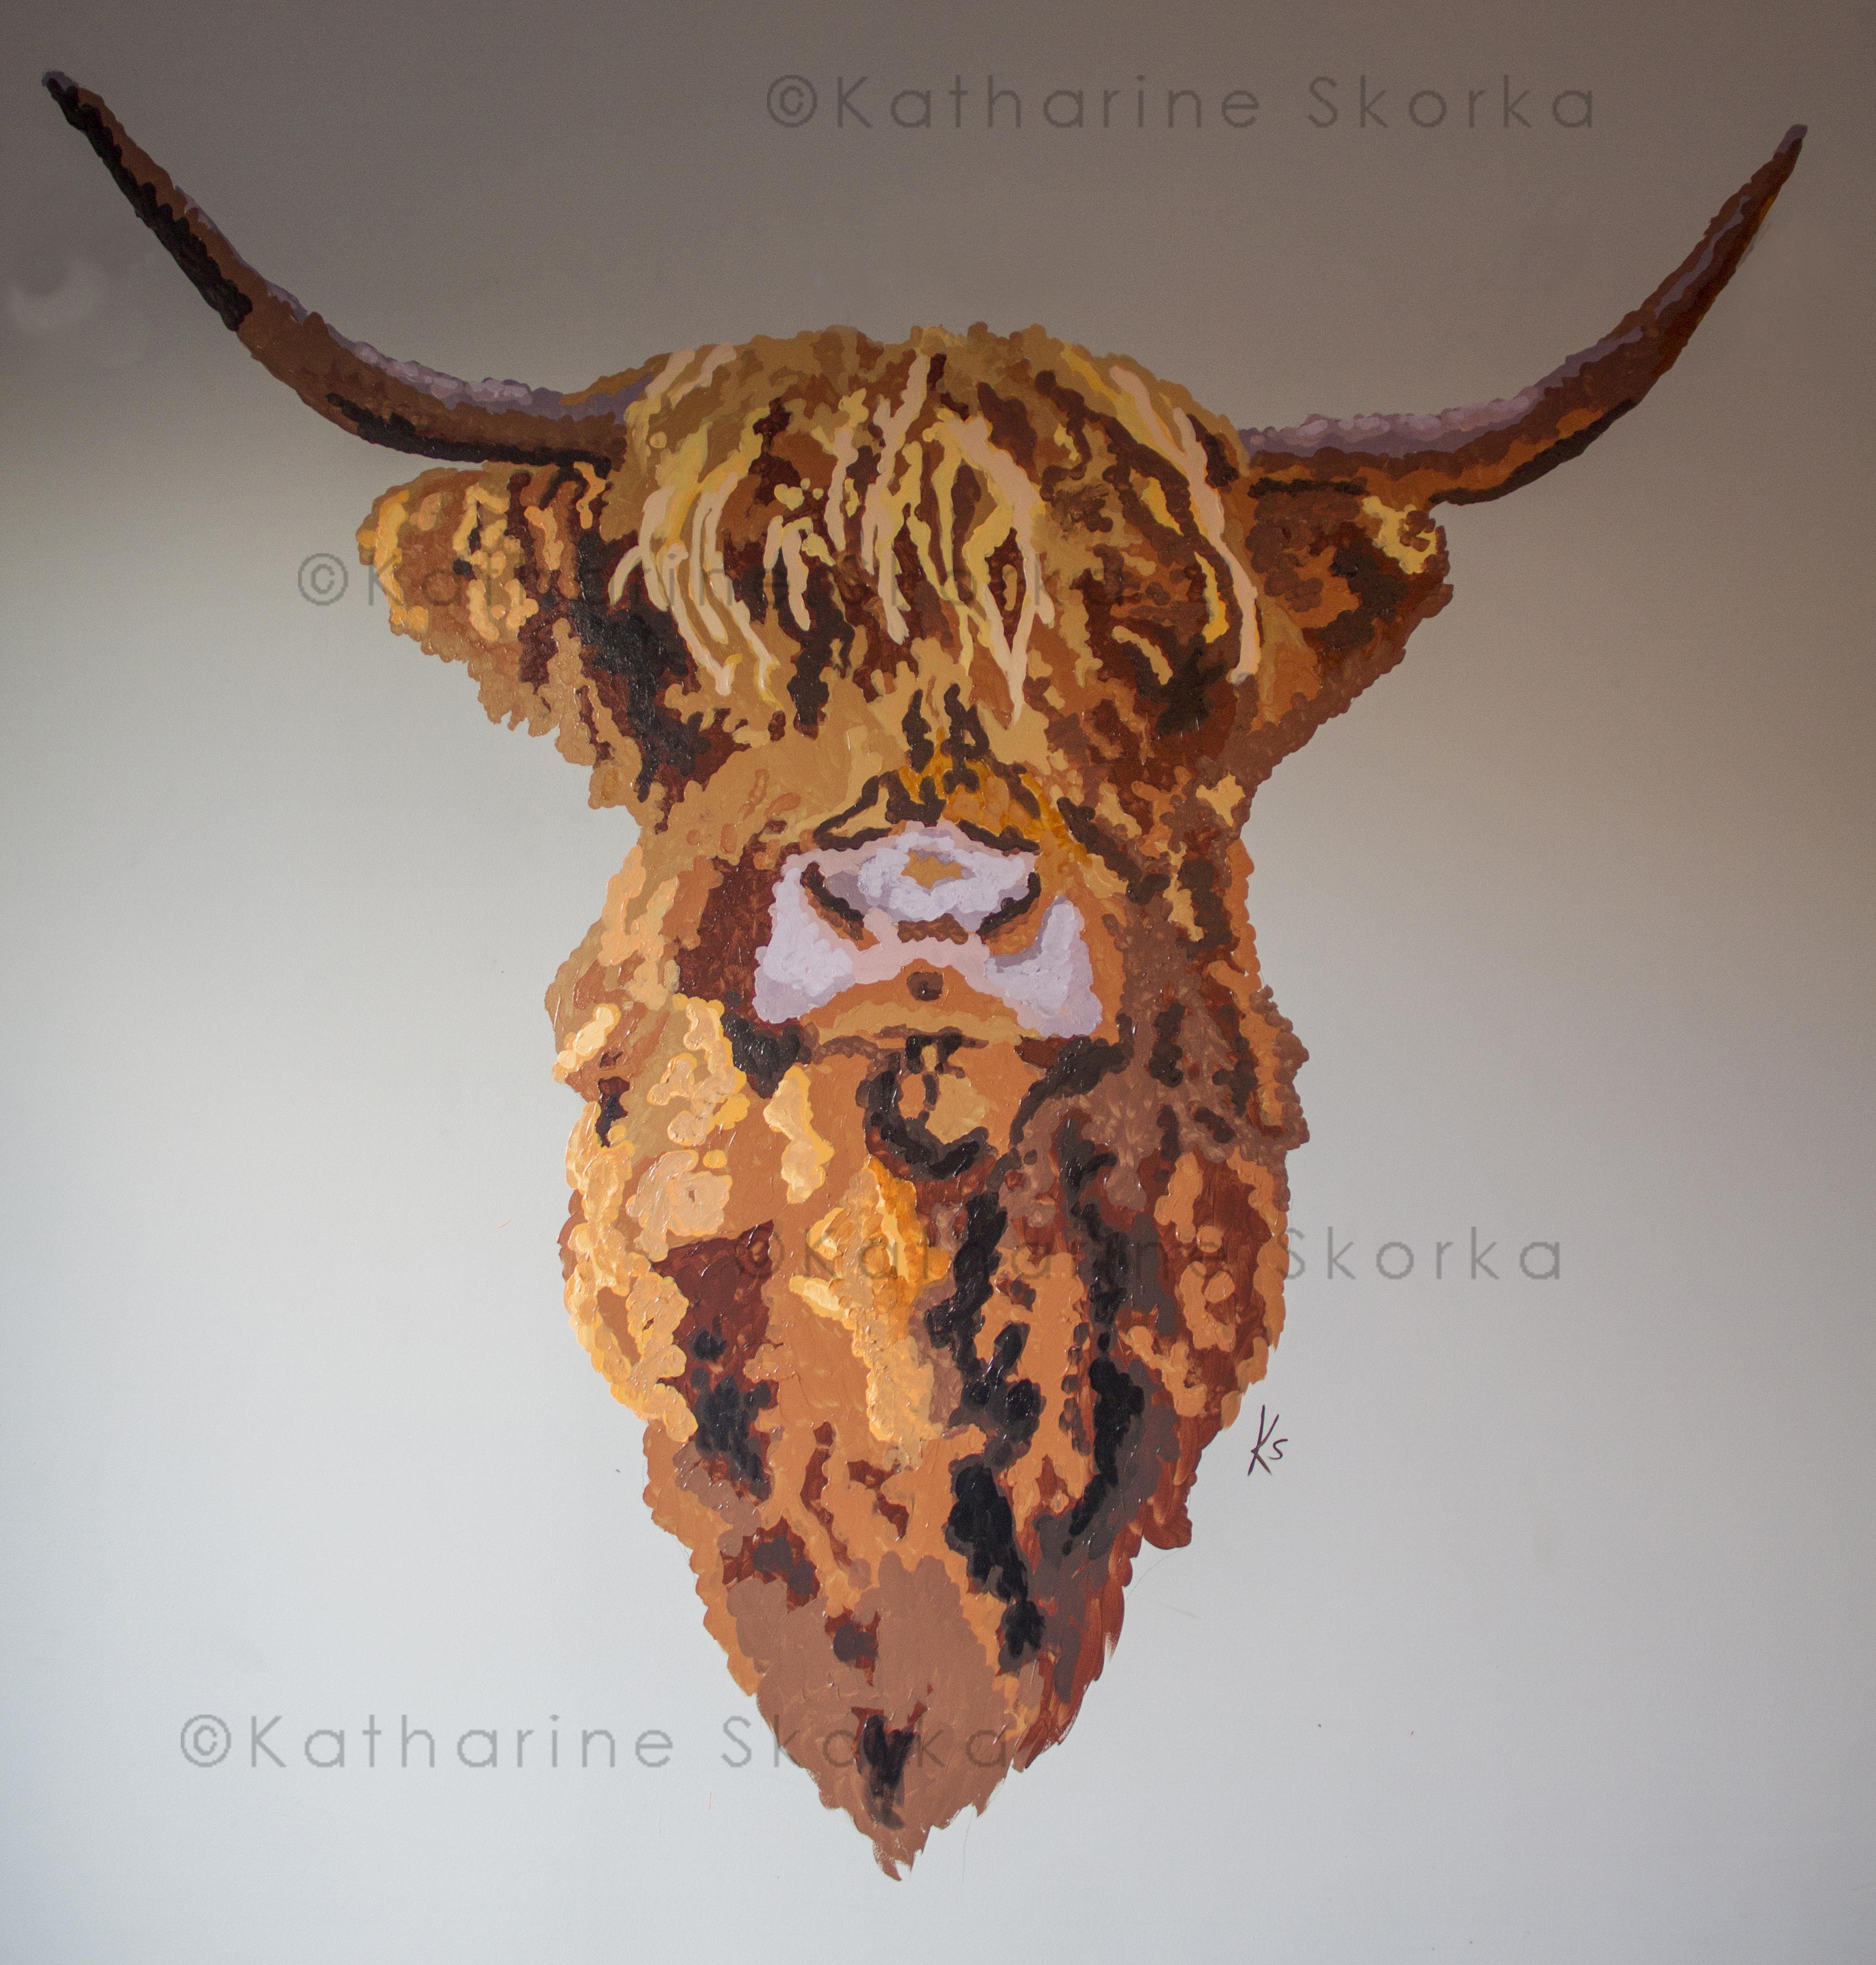 Cow at Harleys Smokehouse